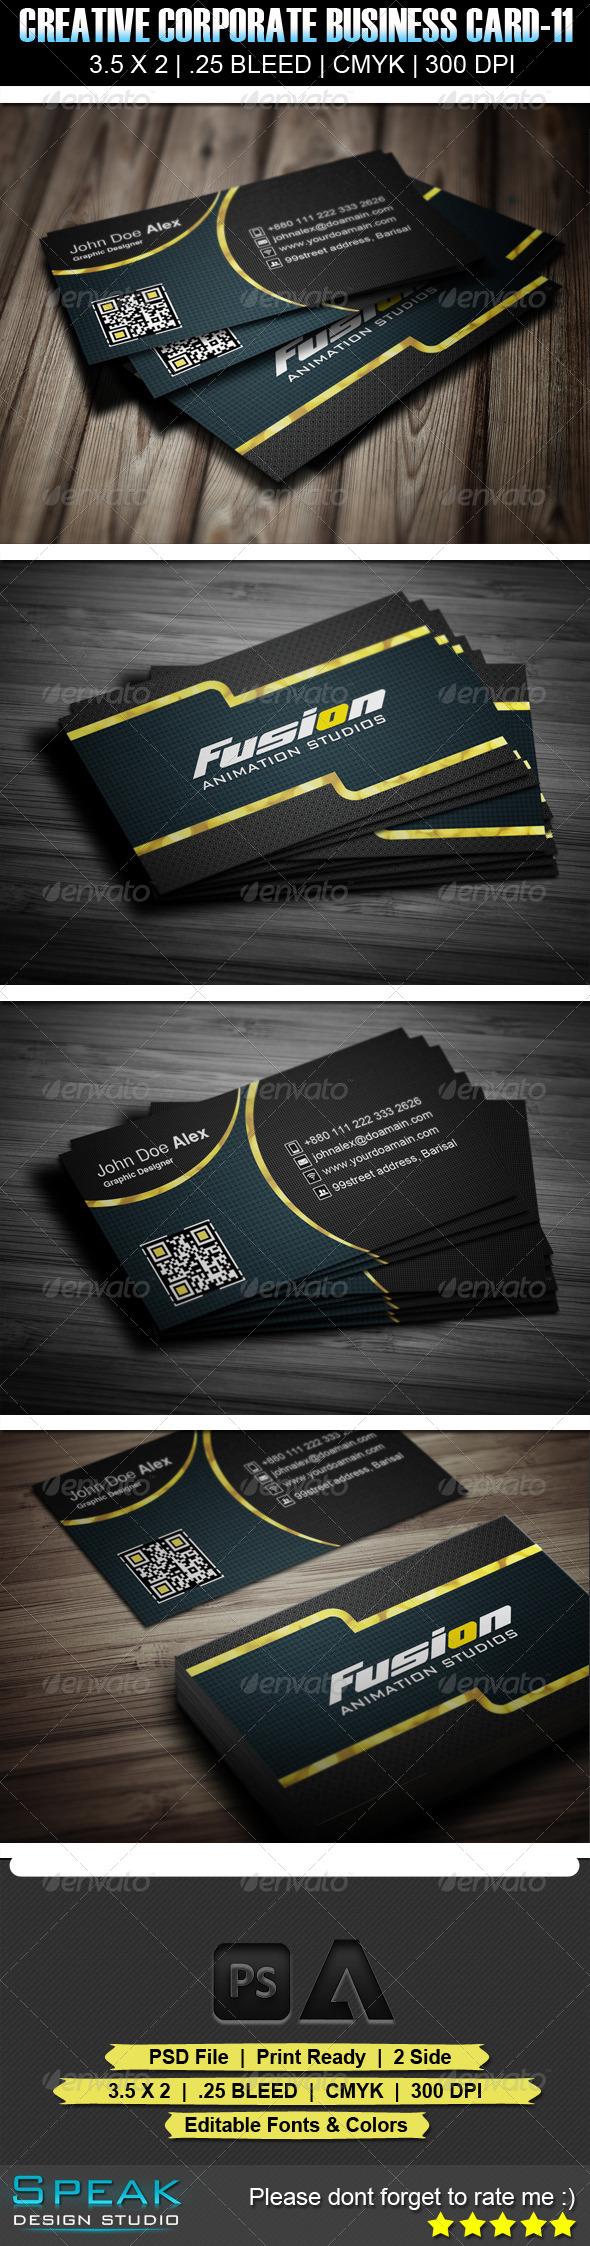 Fusion Creative Business Card Design Graphicriver Fusion Creative